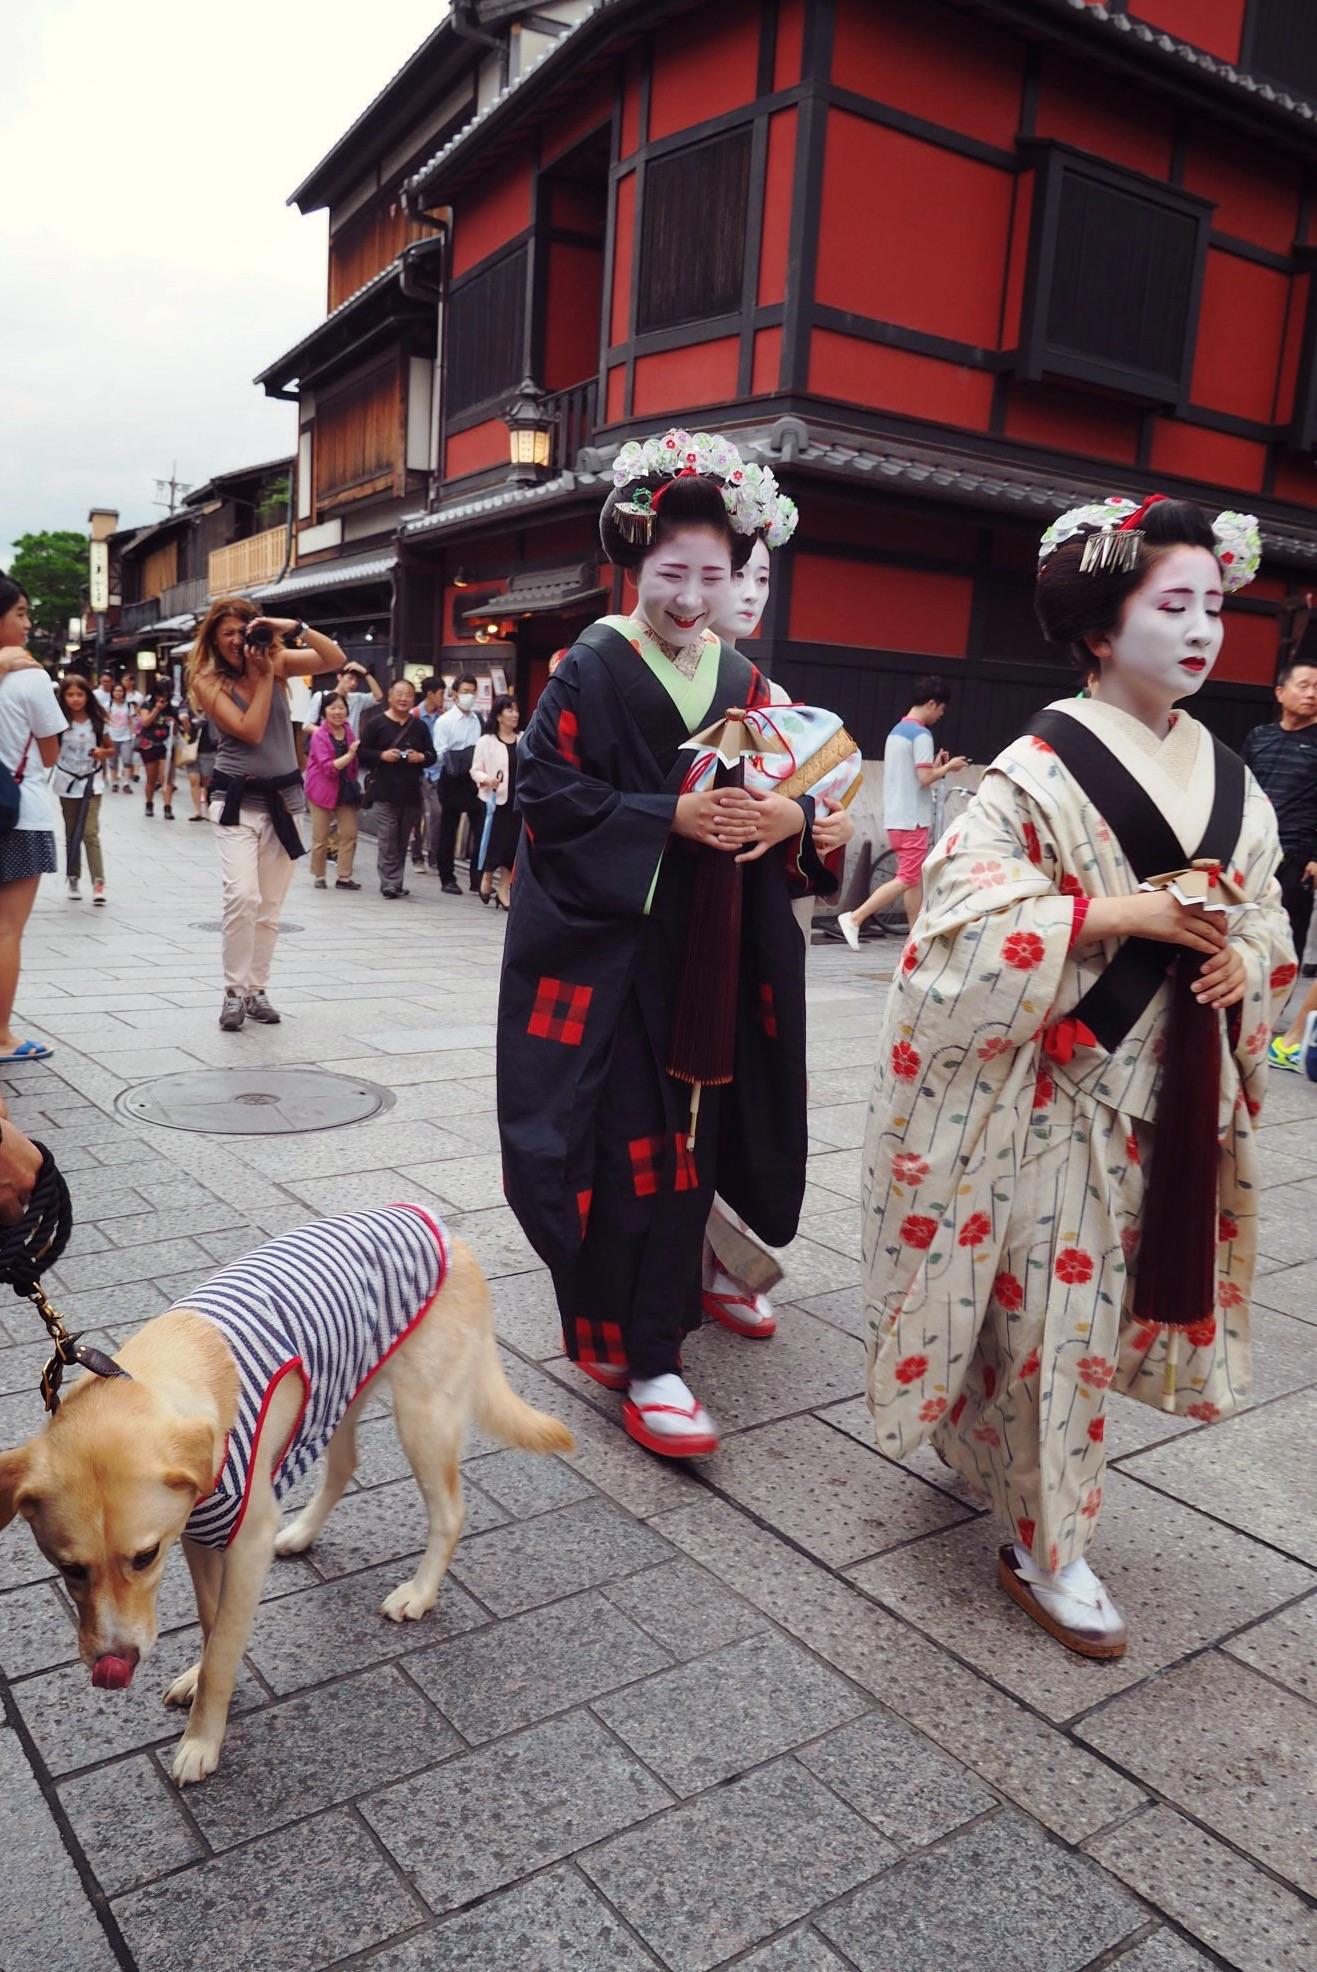 京都旅行 大型犬 わんこ 舞妓